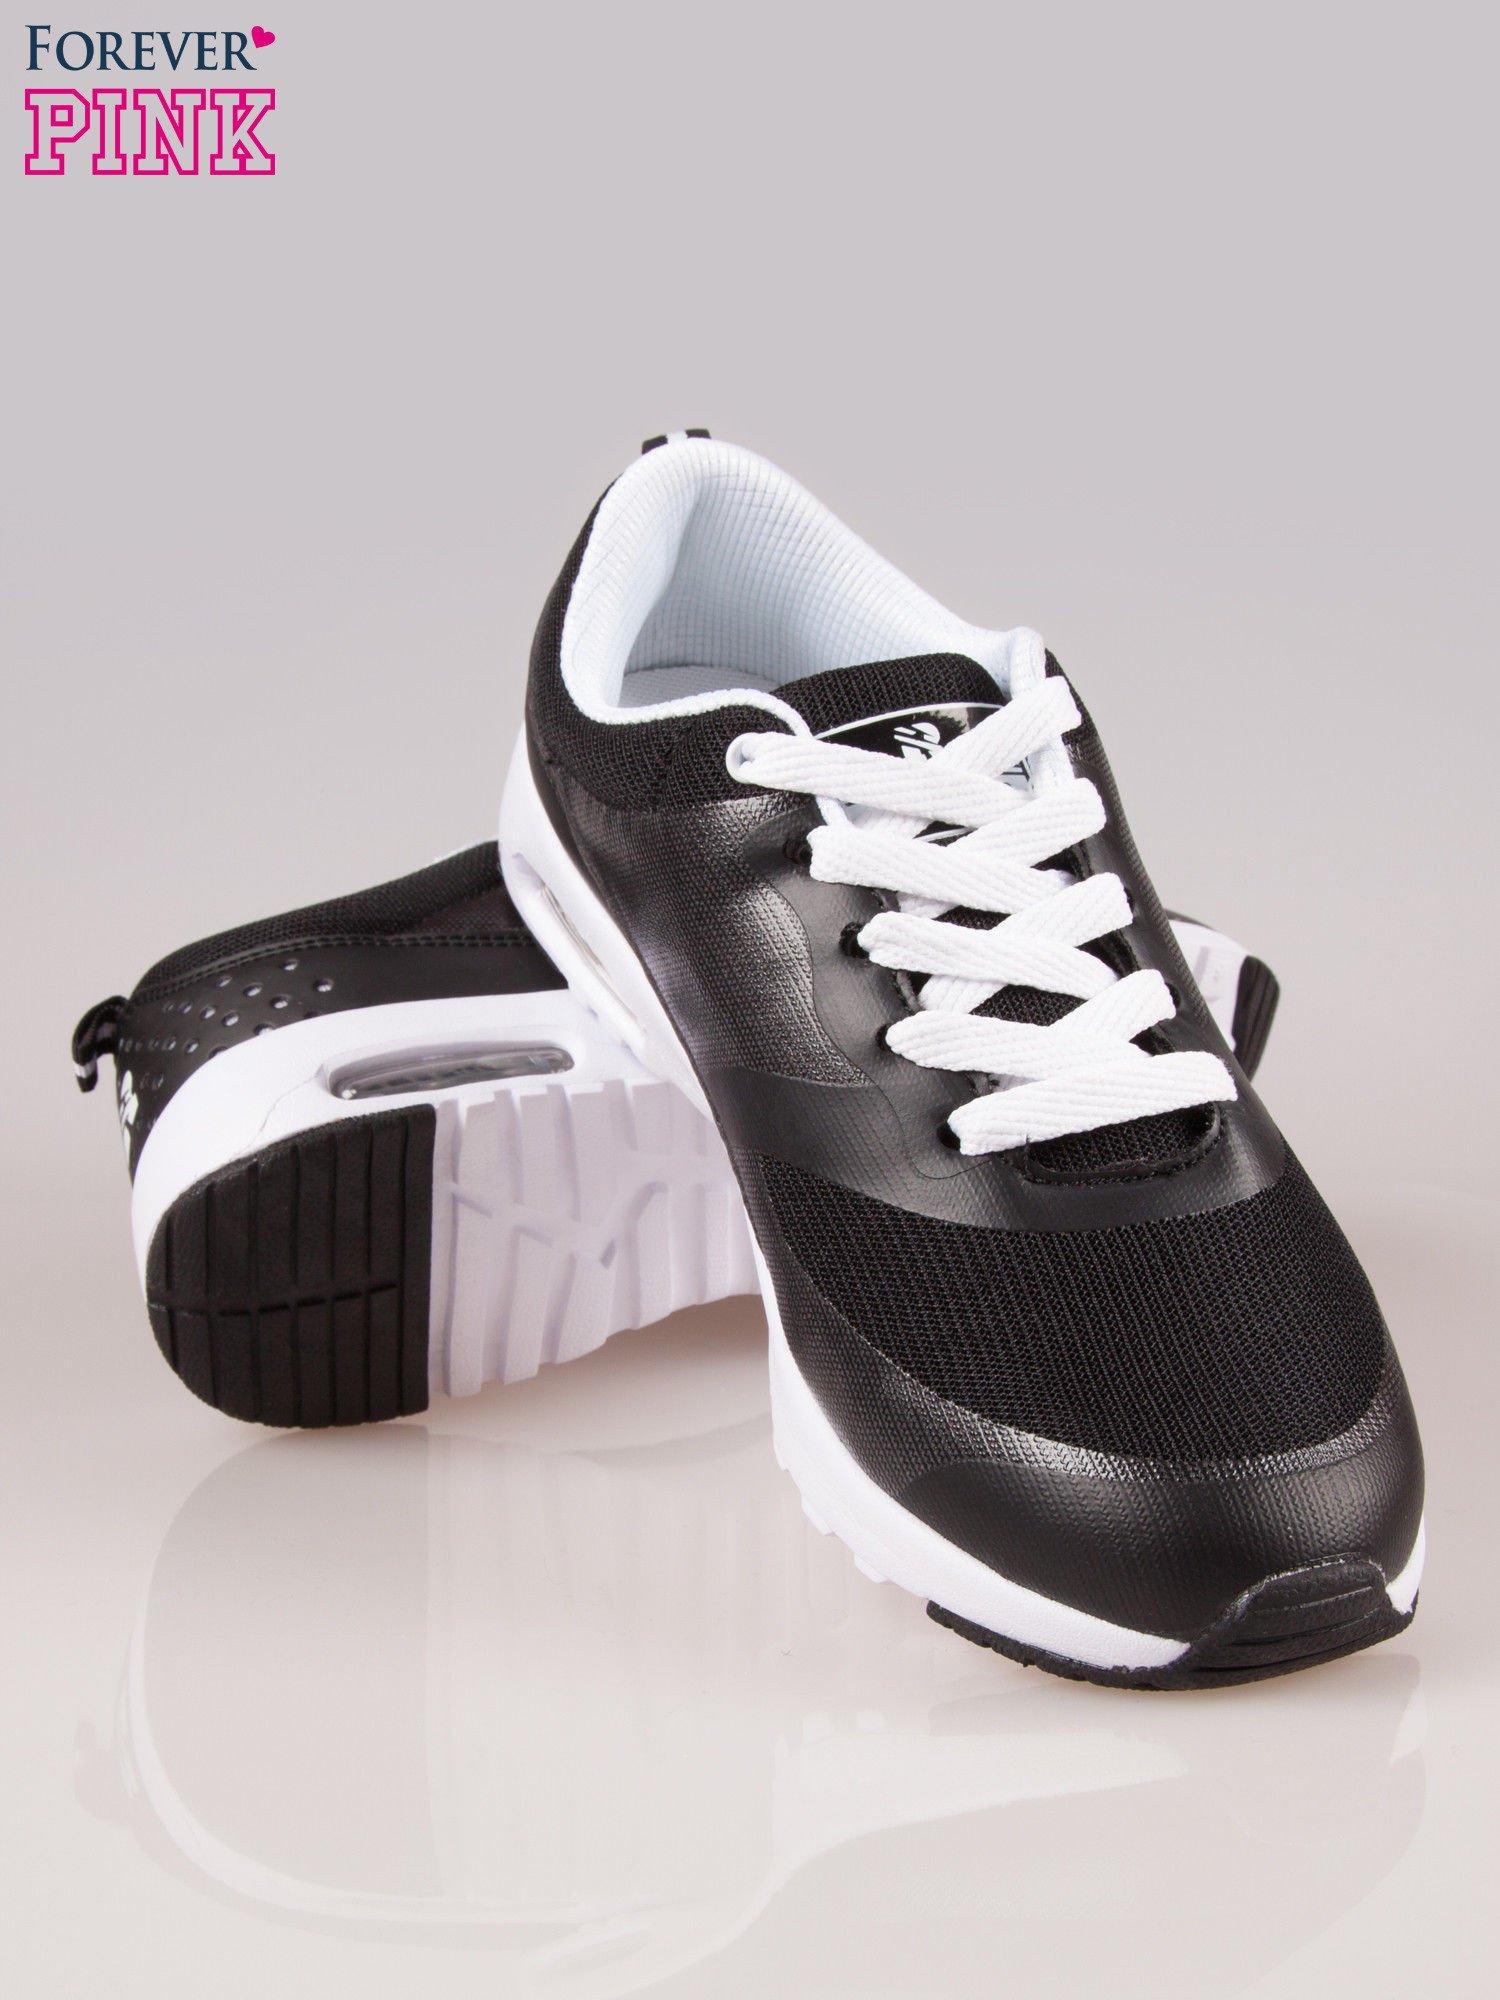 Czarne buty sportowe New York z siateczką i poduszką powietrzną w podeszwie                                  zdj.                                  4